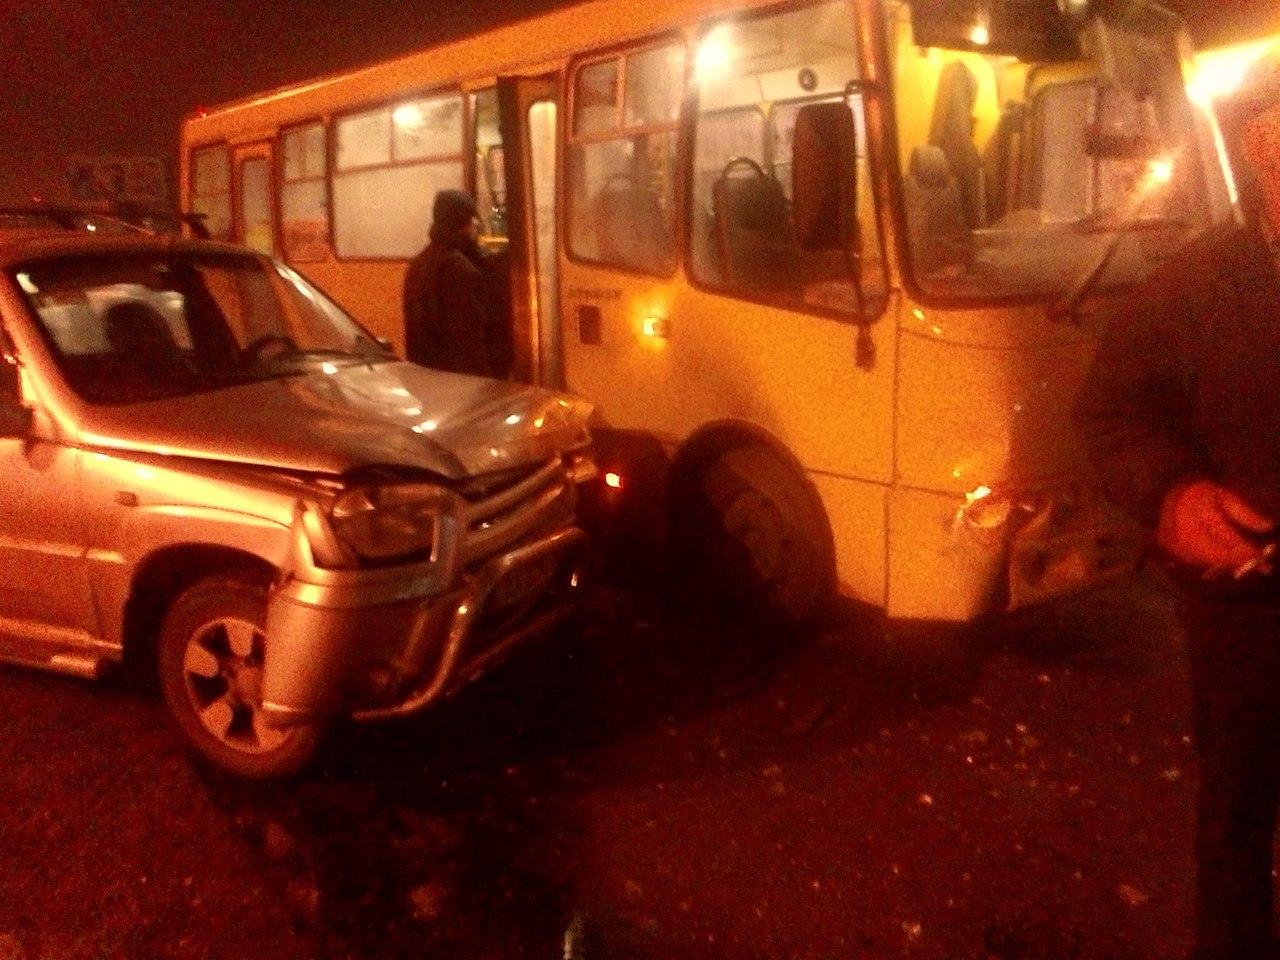 ДТП: Столкнулись автомобиль и автобус (ФОТО)